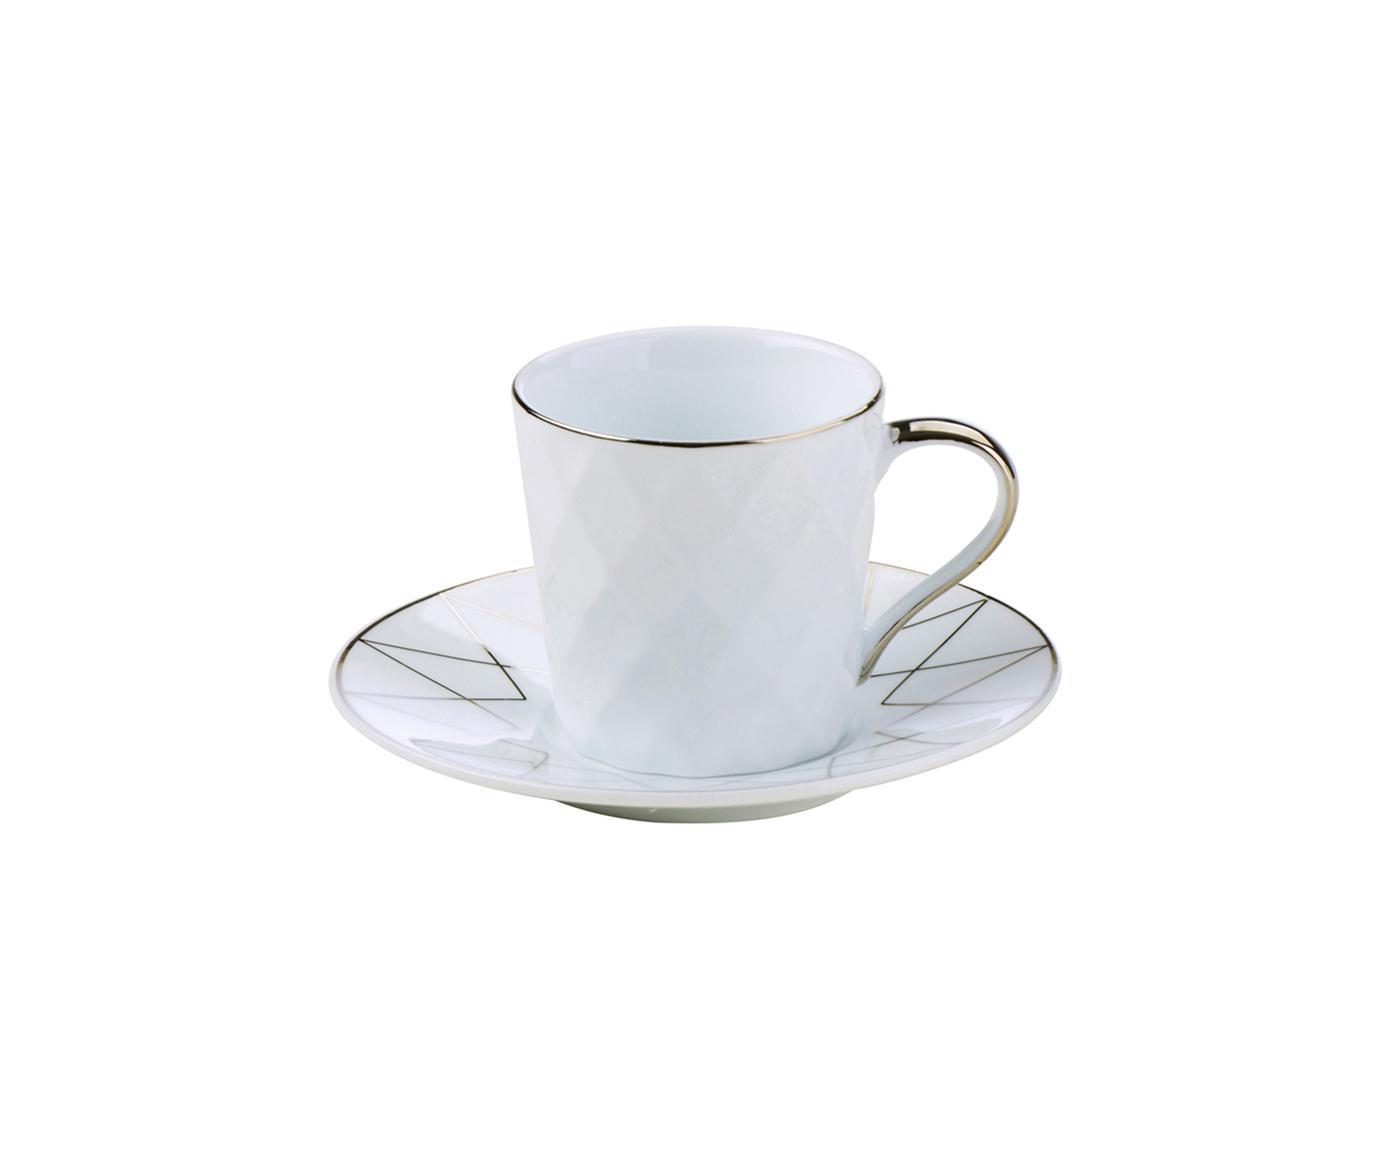 Set tazzine da caffè Lux, 6 pz., Porcellana, Bianco, platino, Ø 12 x A 6 cm